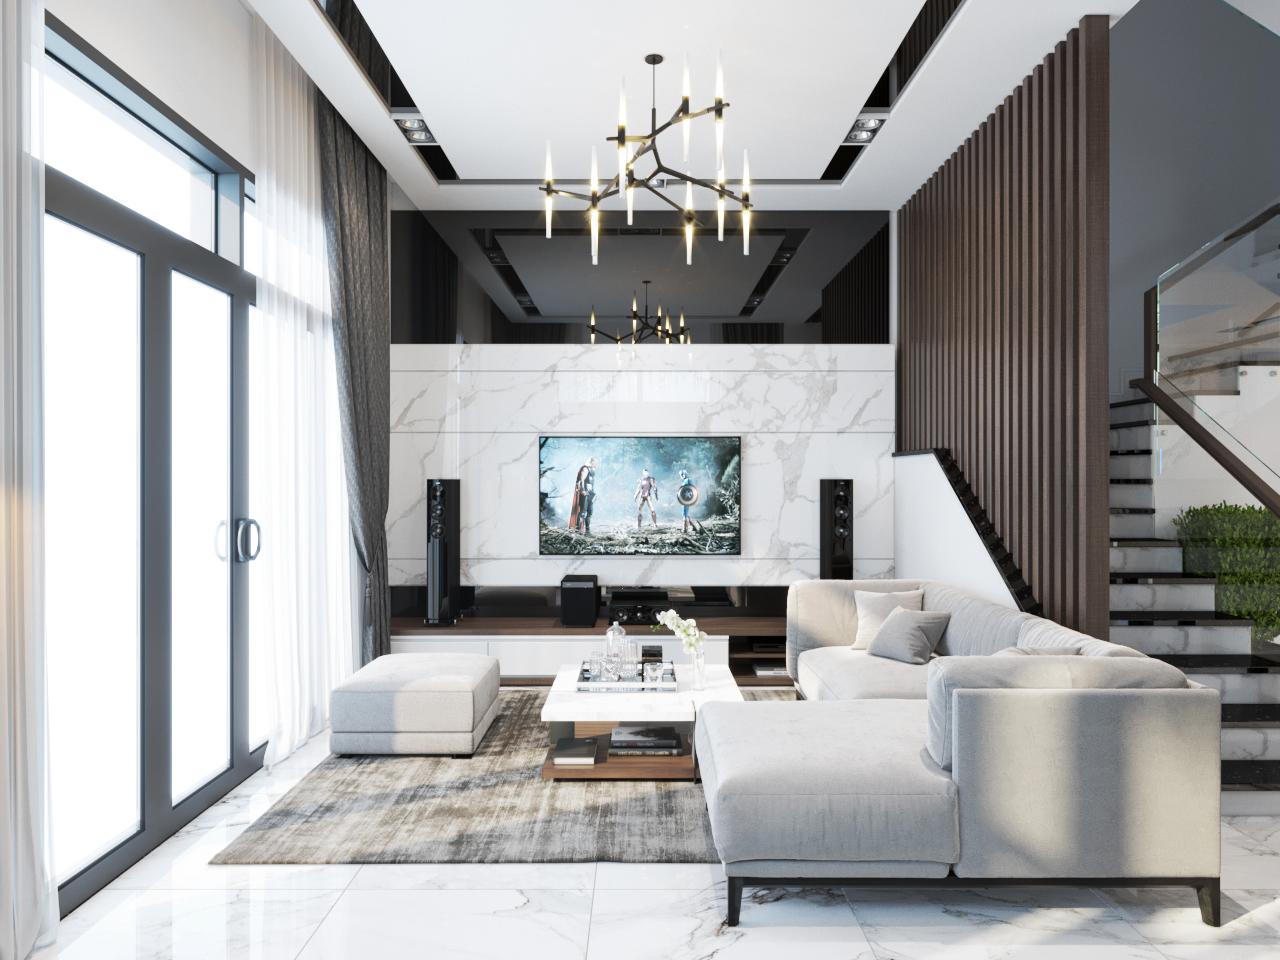 thiết kế nội thất Nhà Mặt Phố tại Hà Nội Nhà Phố - Văn Tiến Dũng 2 1562827641